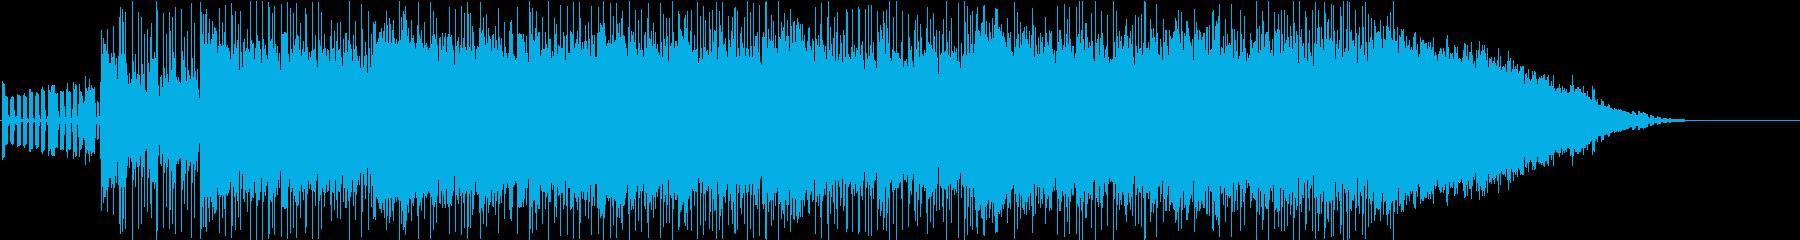 スピード感溢れるロックの再生済みの波形